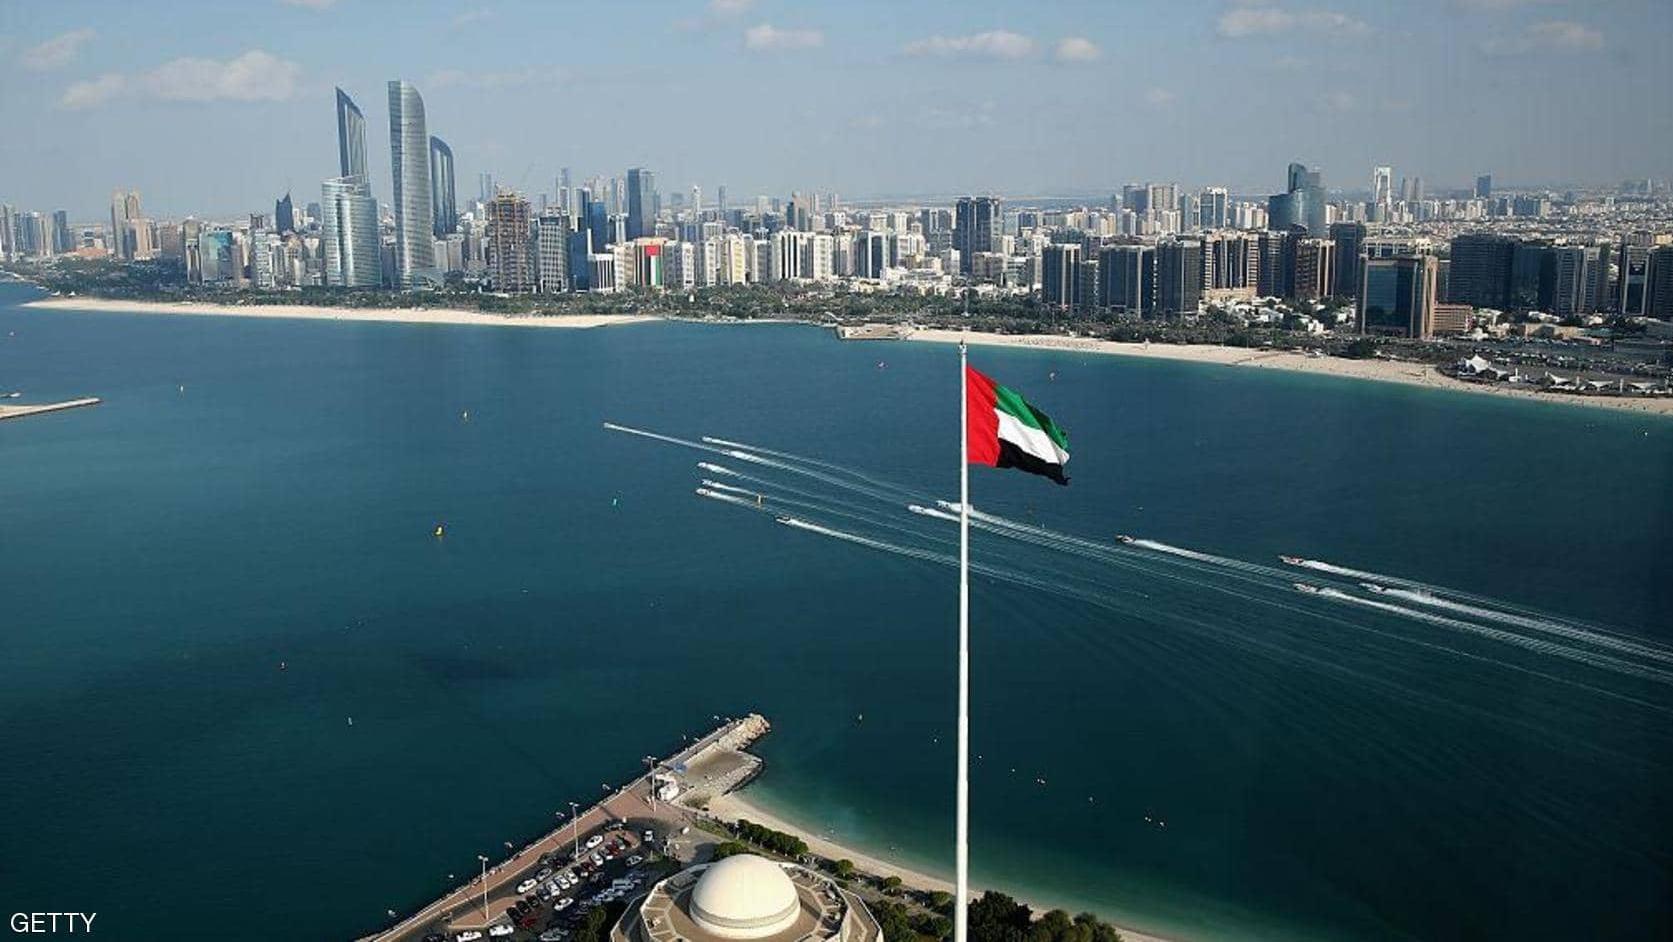 سلطنة عمان تؤيد الإعلان التاريخي للإمارات